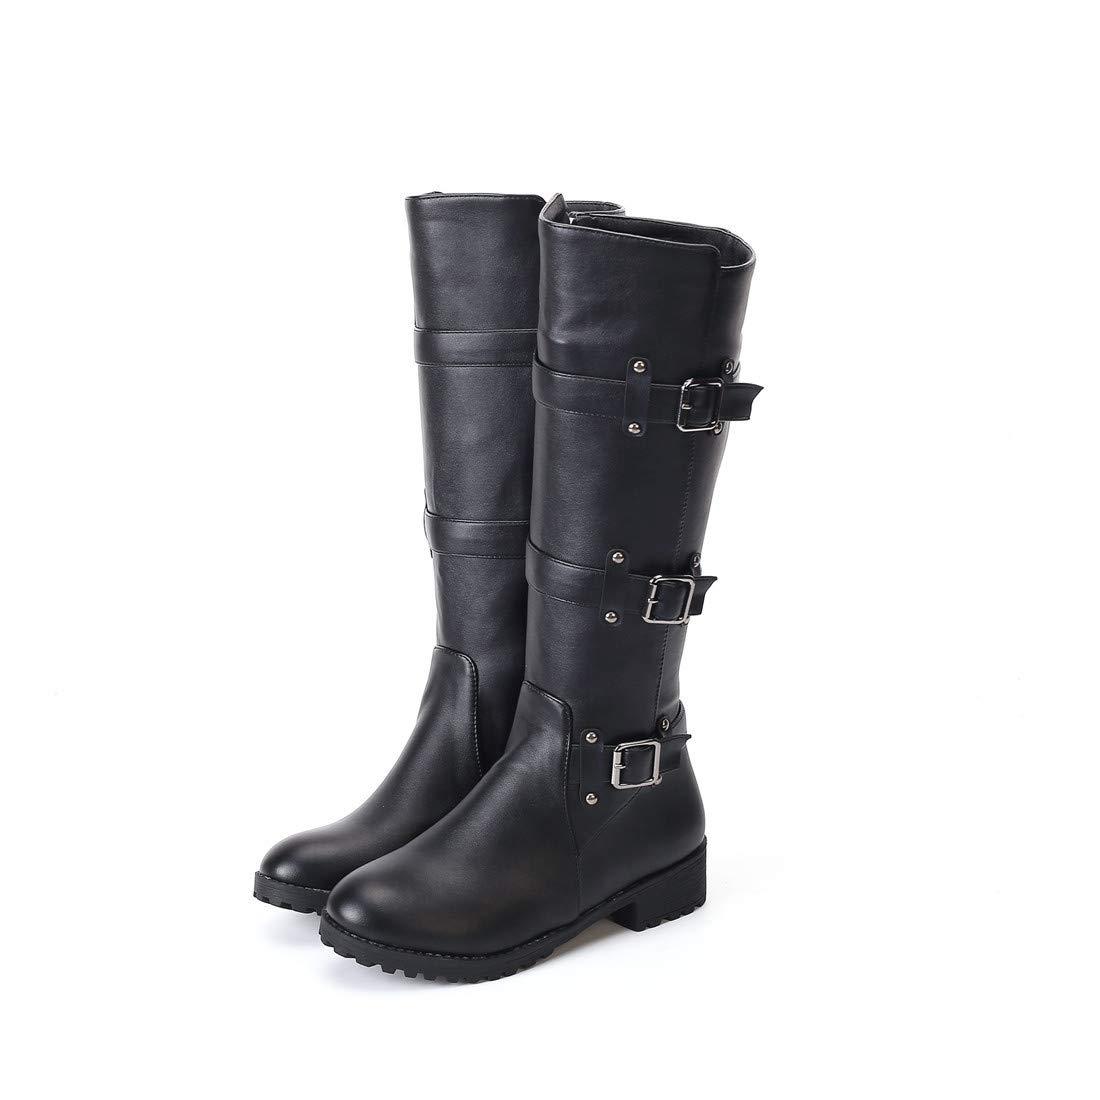 Stiefel   Stivaldie Ritter Frauen   niedrighackige und hoch Geschnittene Stiefel